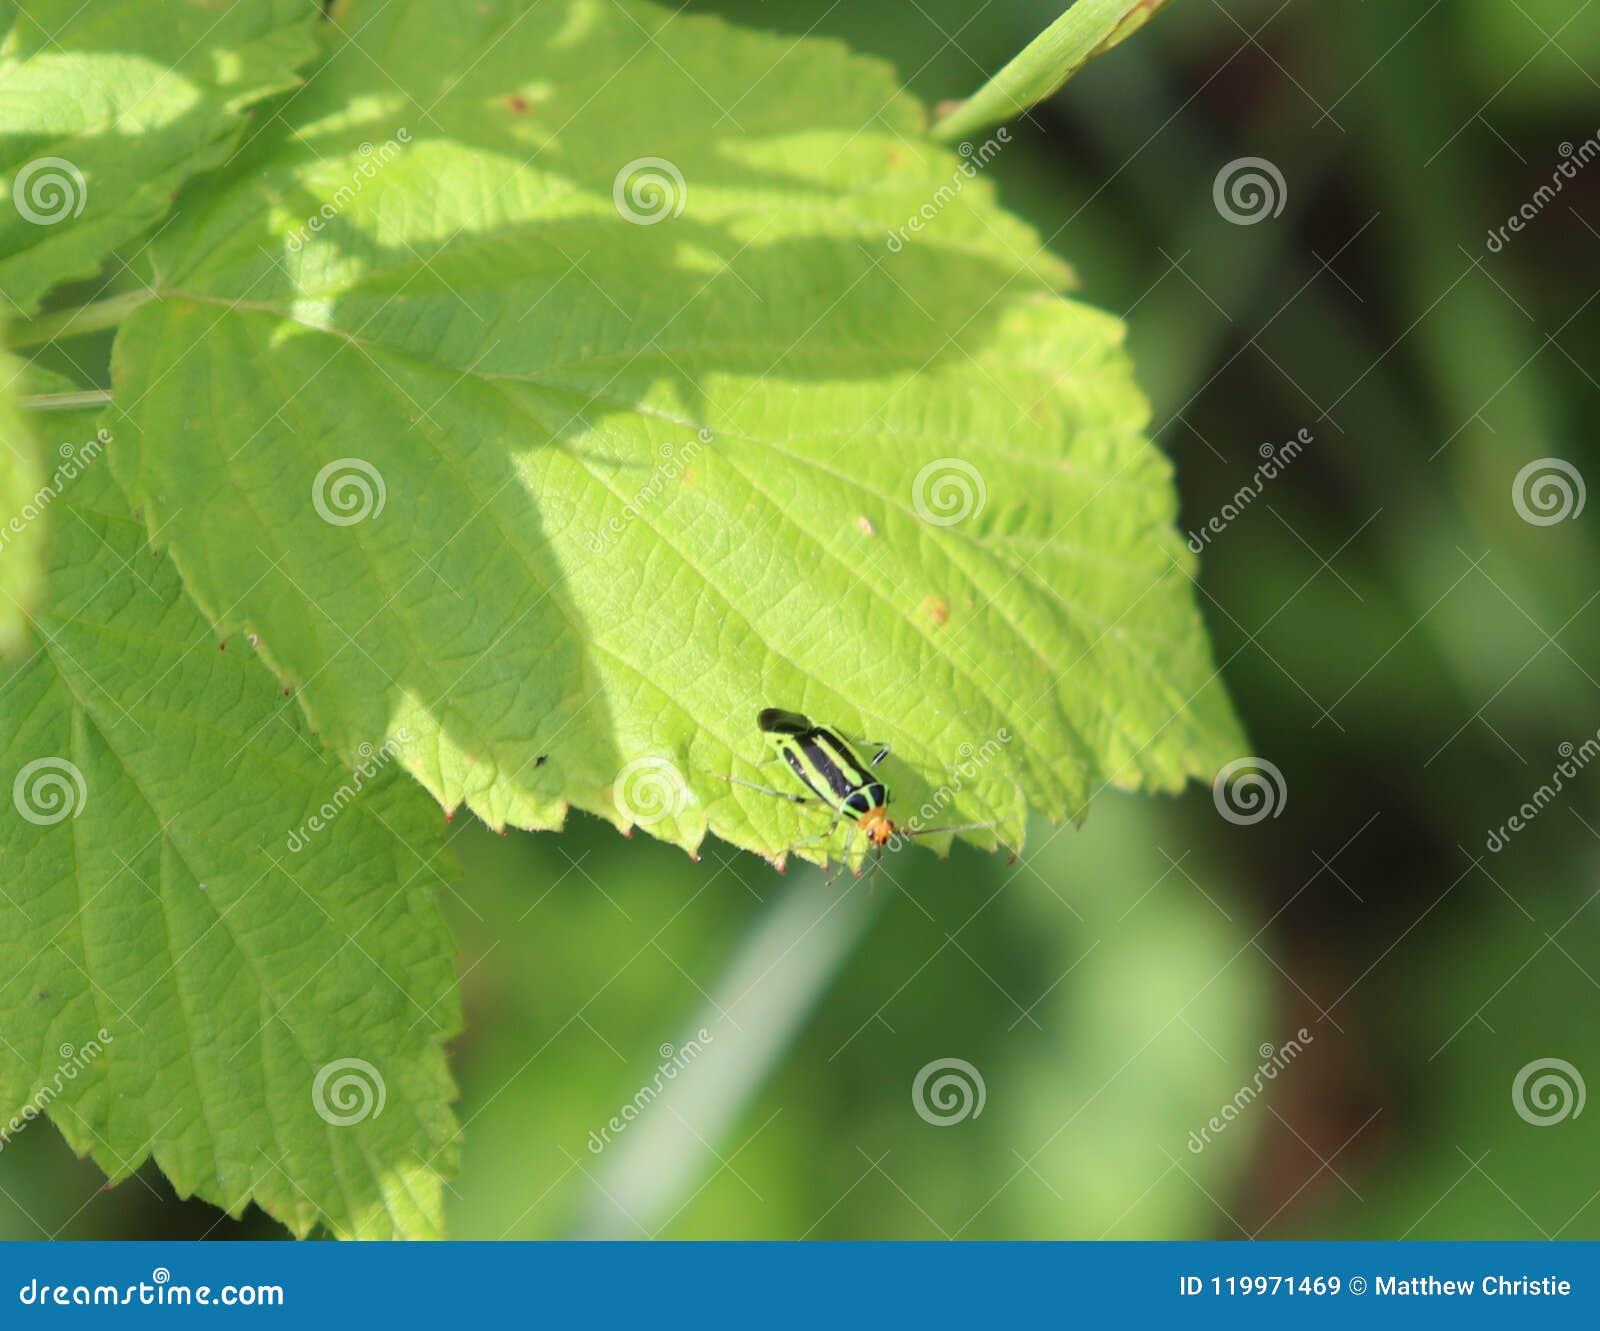 臭虫,多彩多姿,小,绿色,黑,橙色,外面